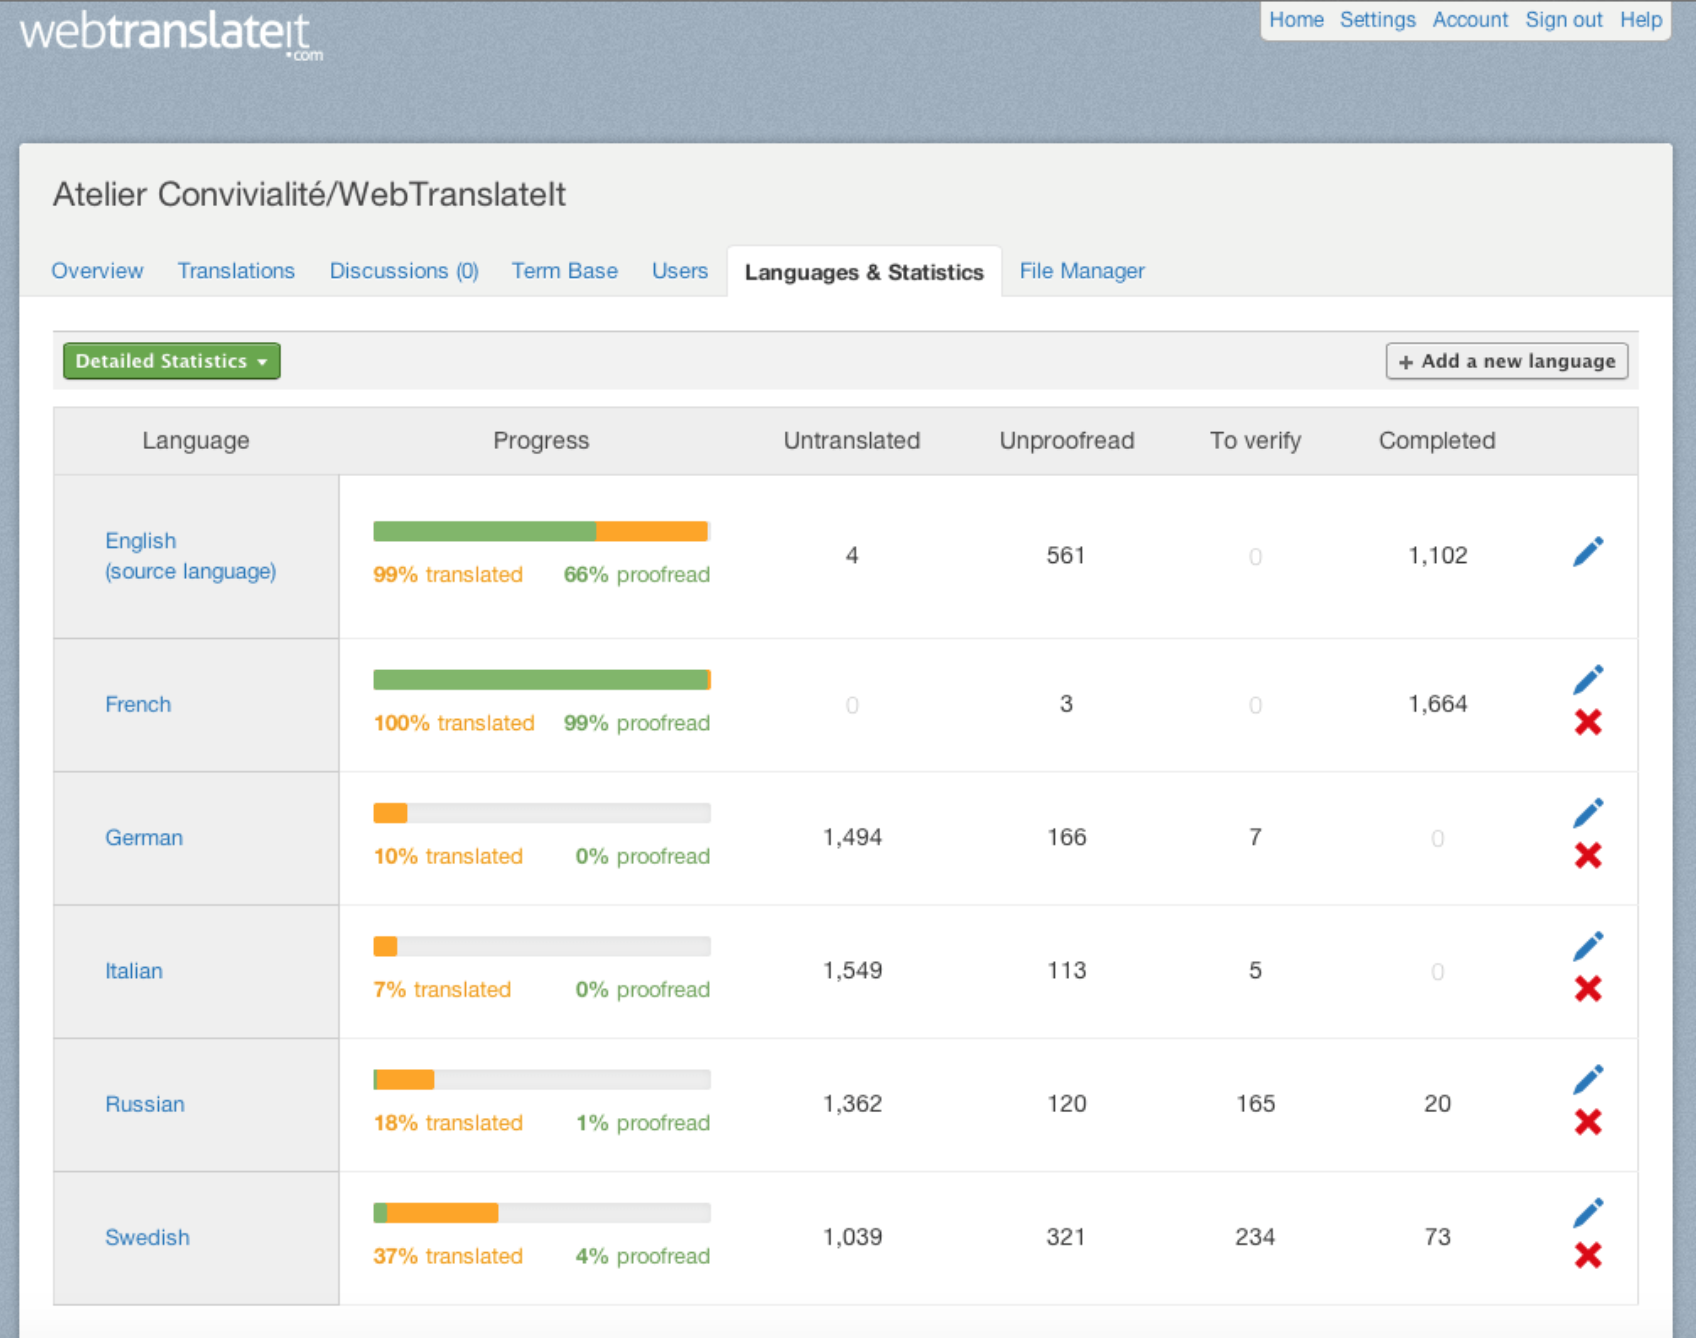 webtranslateit.com Demo - Languages and Statistics tab